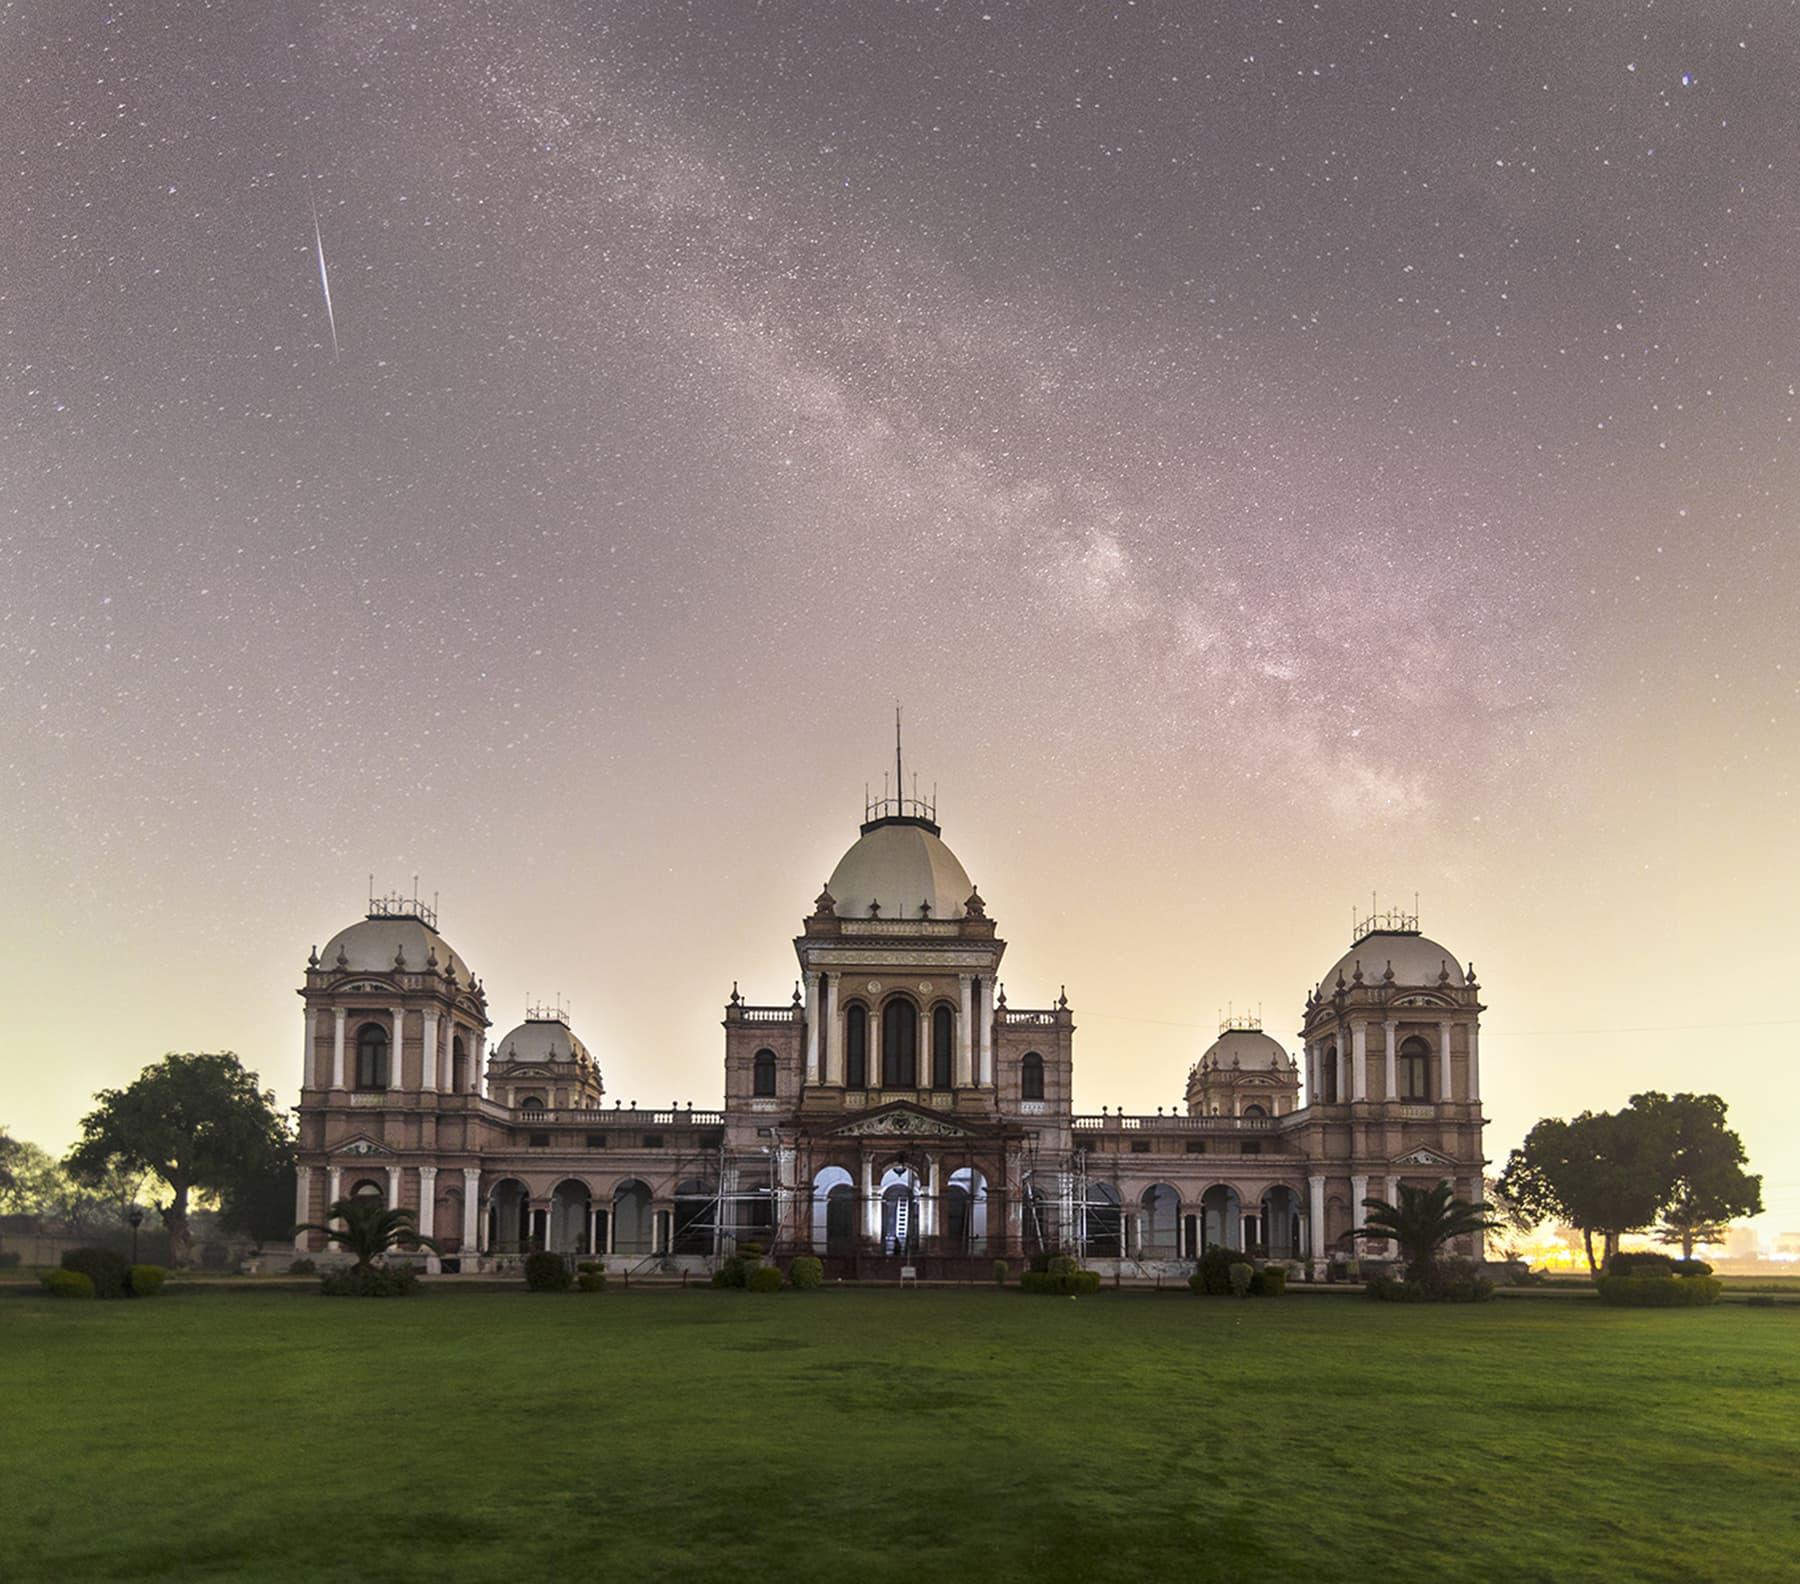 نور محل بہاولپور۔ — فوٹو عثمان مسکی